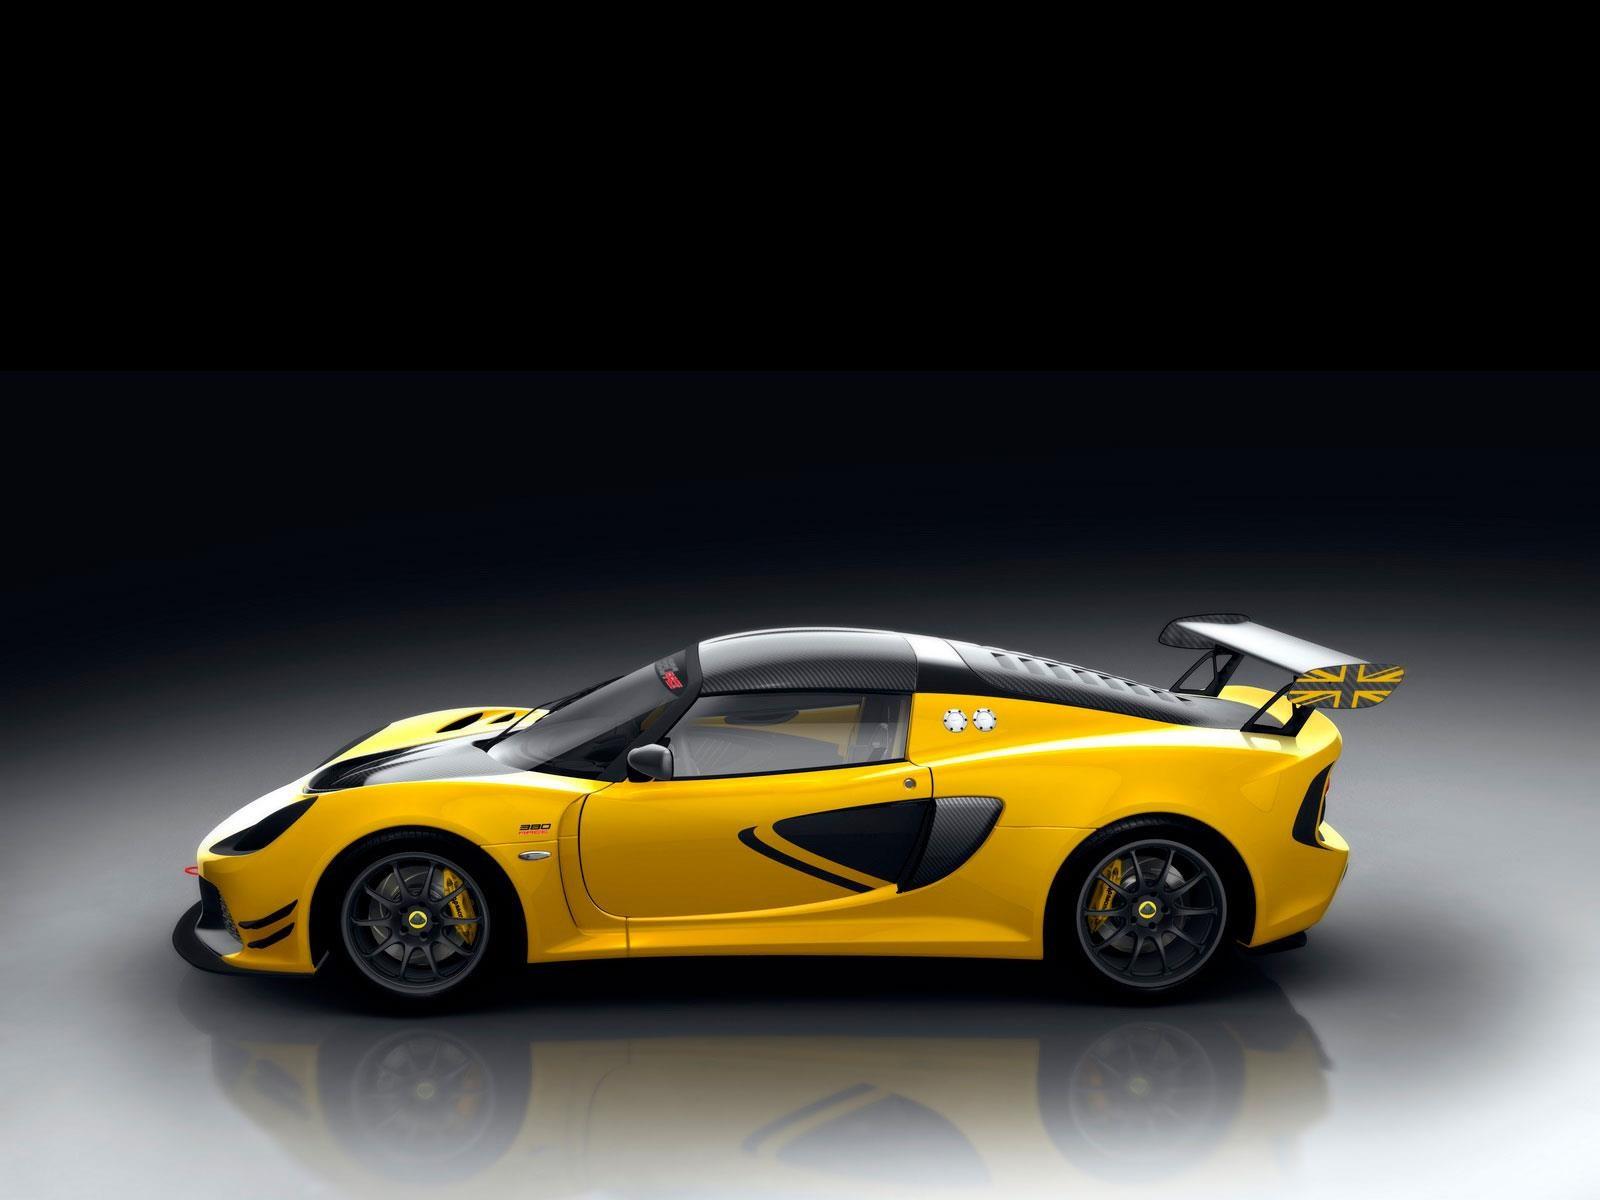 Lotus Exige Race 380, animal de competencia